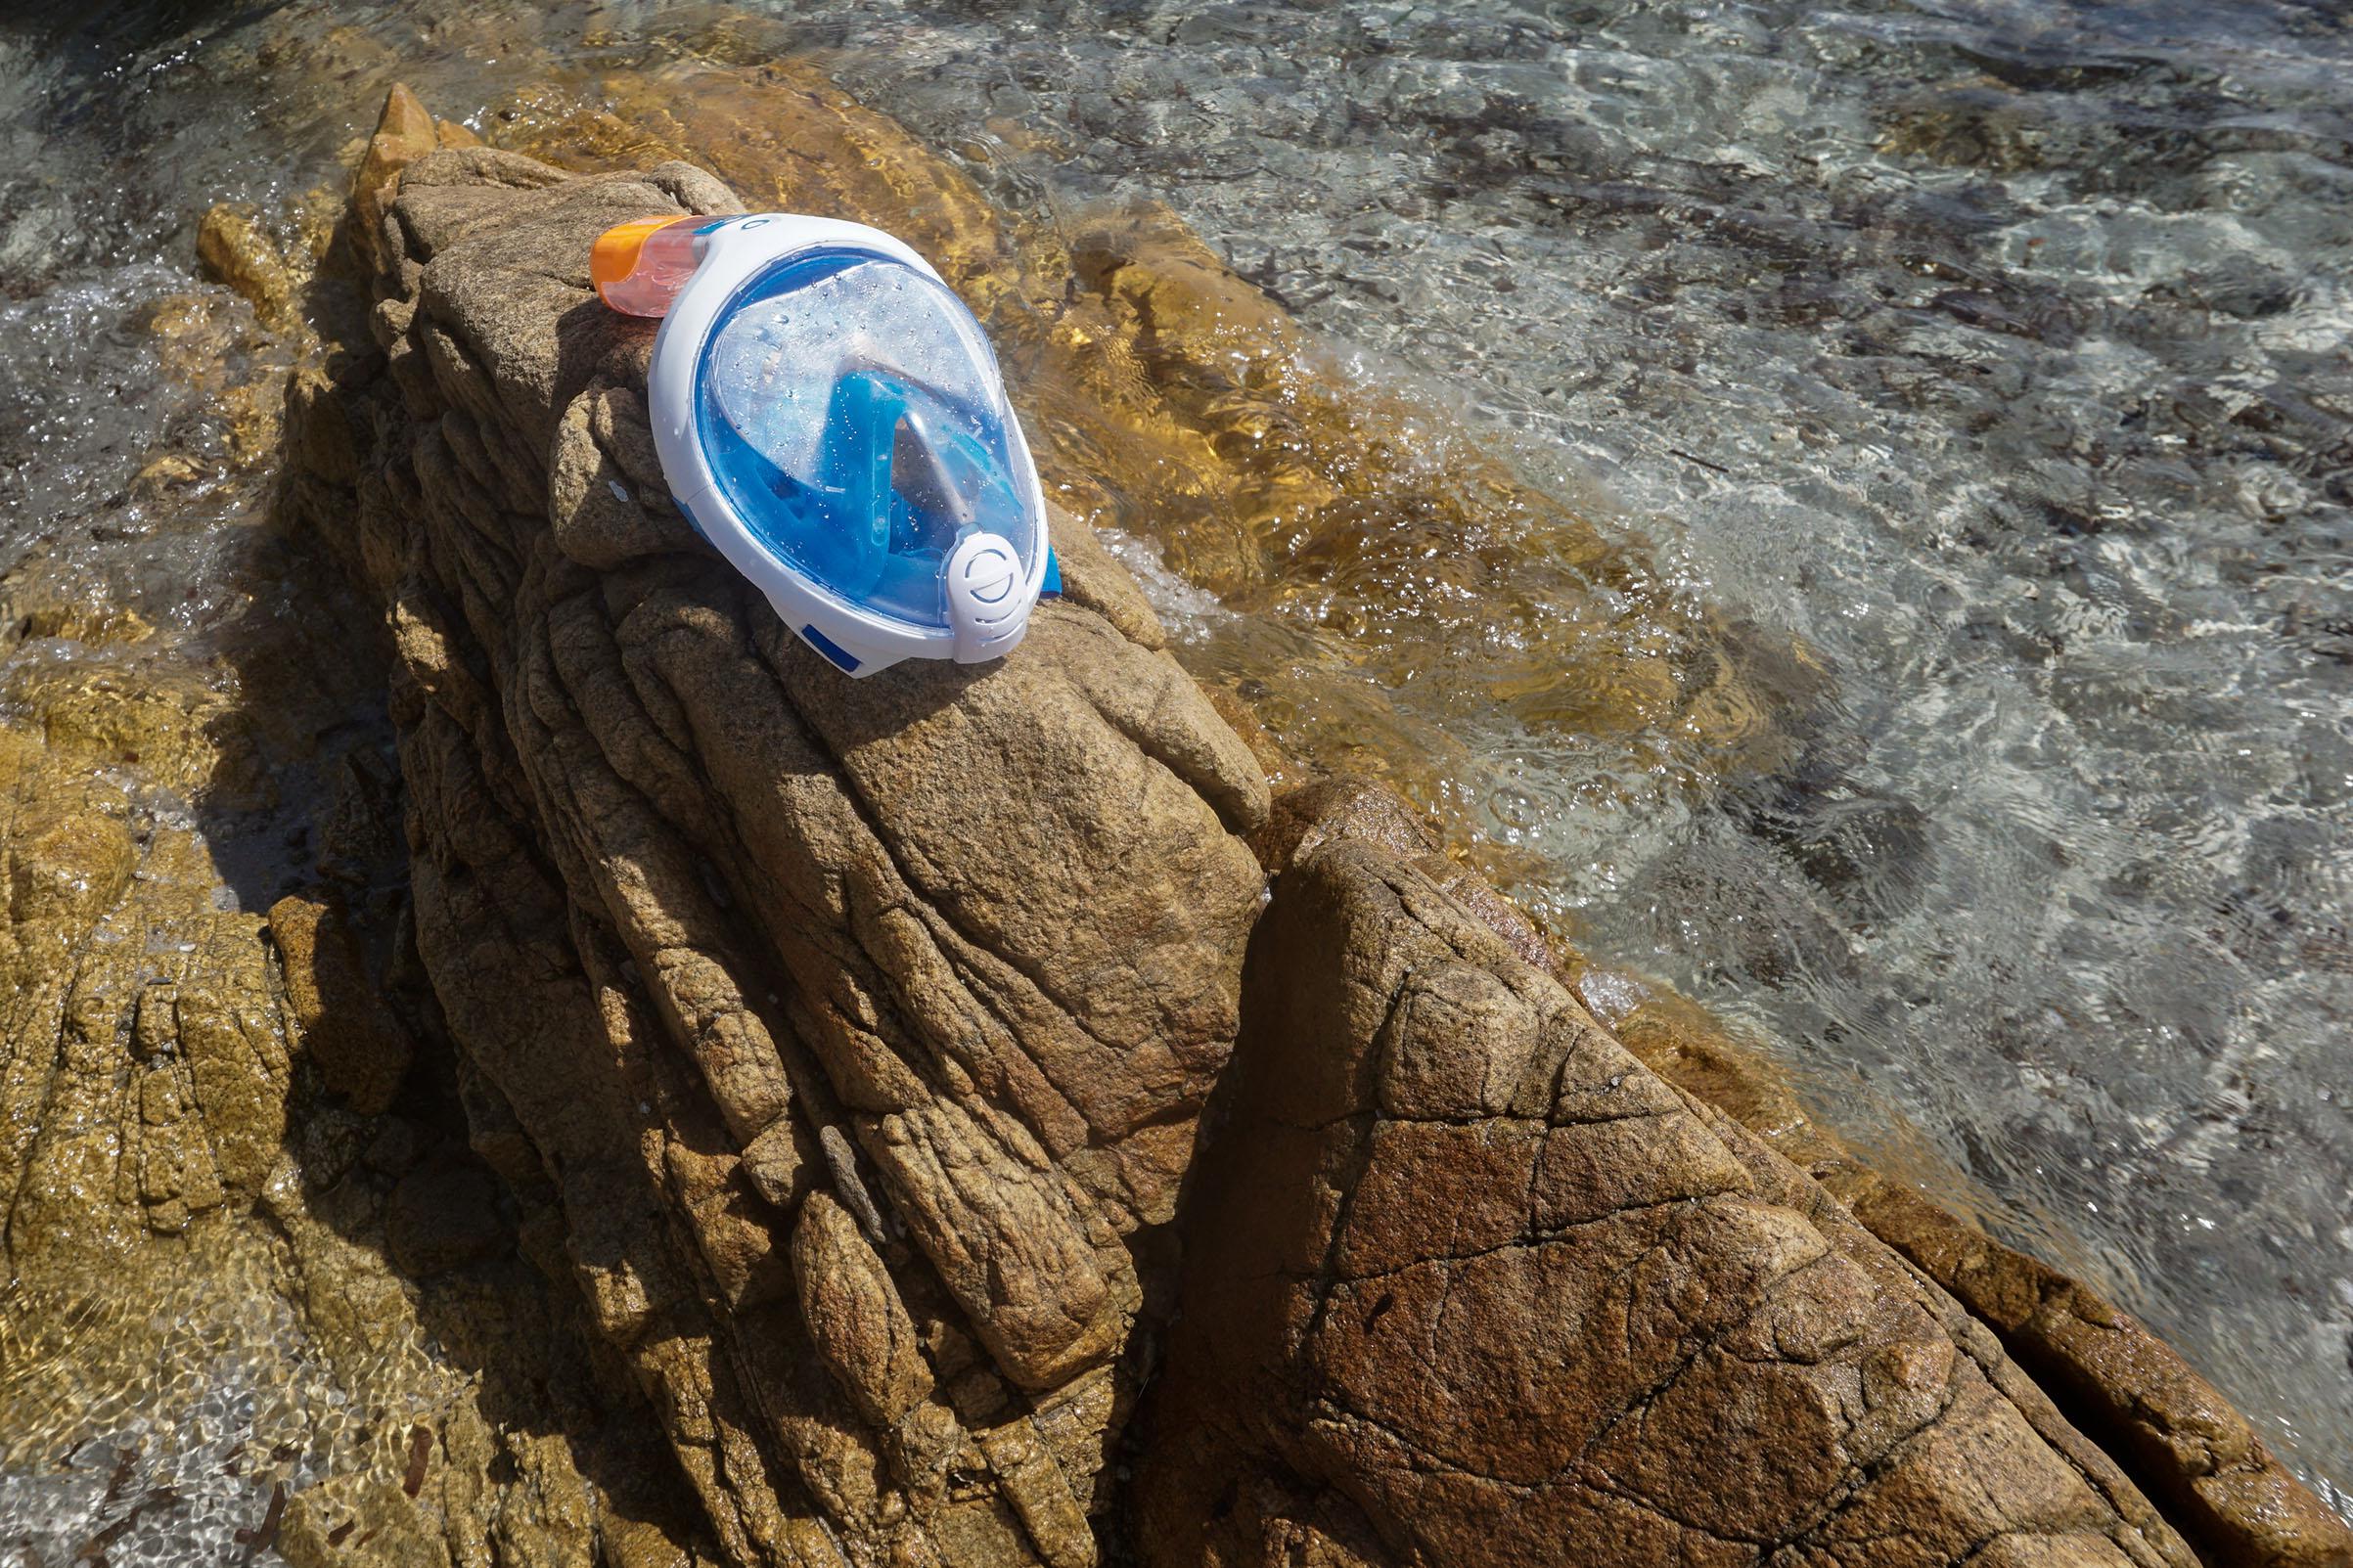 Respirare sott'acqua,la maschera Easybreath